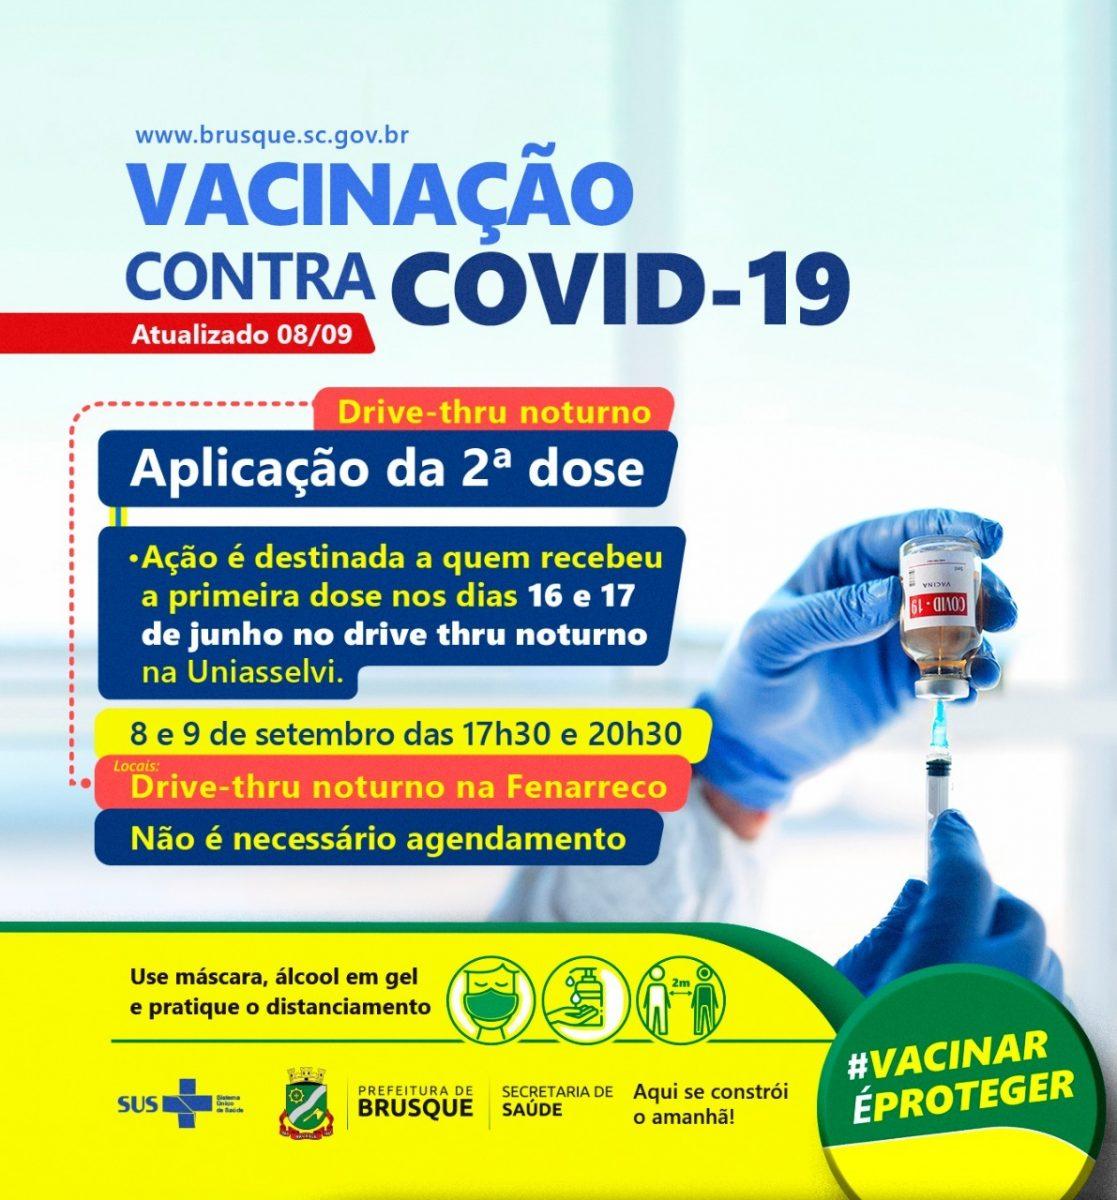 Covid-19: Hoje e amanhã tem drive thru noturno de dose 2 na Fenarreco